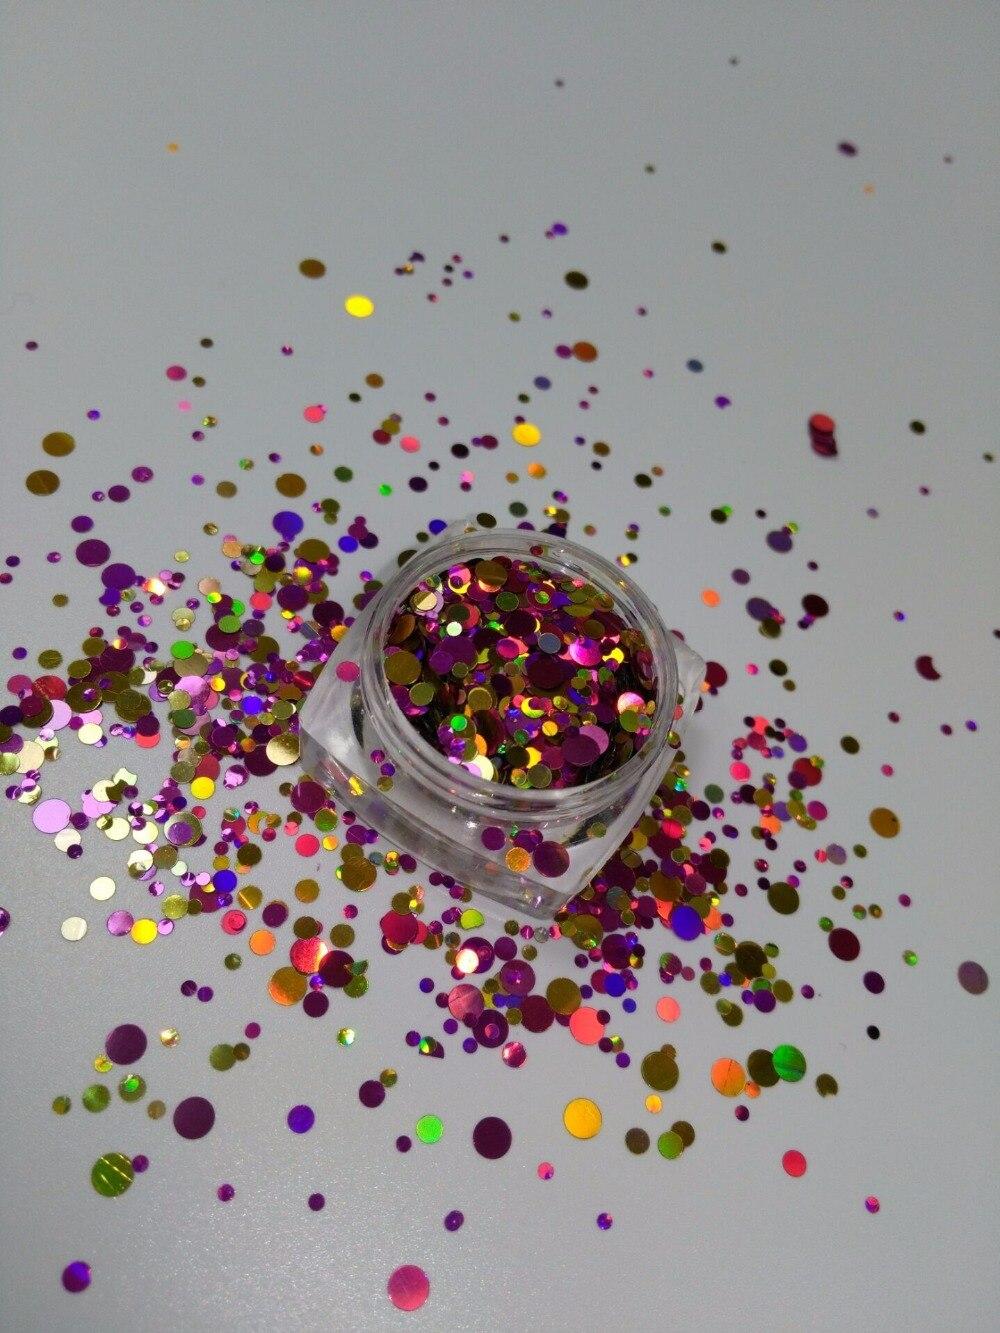 Nails Art & Werkzeuge Ym-009 1/2/3 Mm Mix konfetti Runde Dot Spangle Form Glitter Flake Kosmetische Pulver Für Nagel Gel Polish-50g/200 Gr/beutel Nagelglitzer